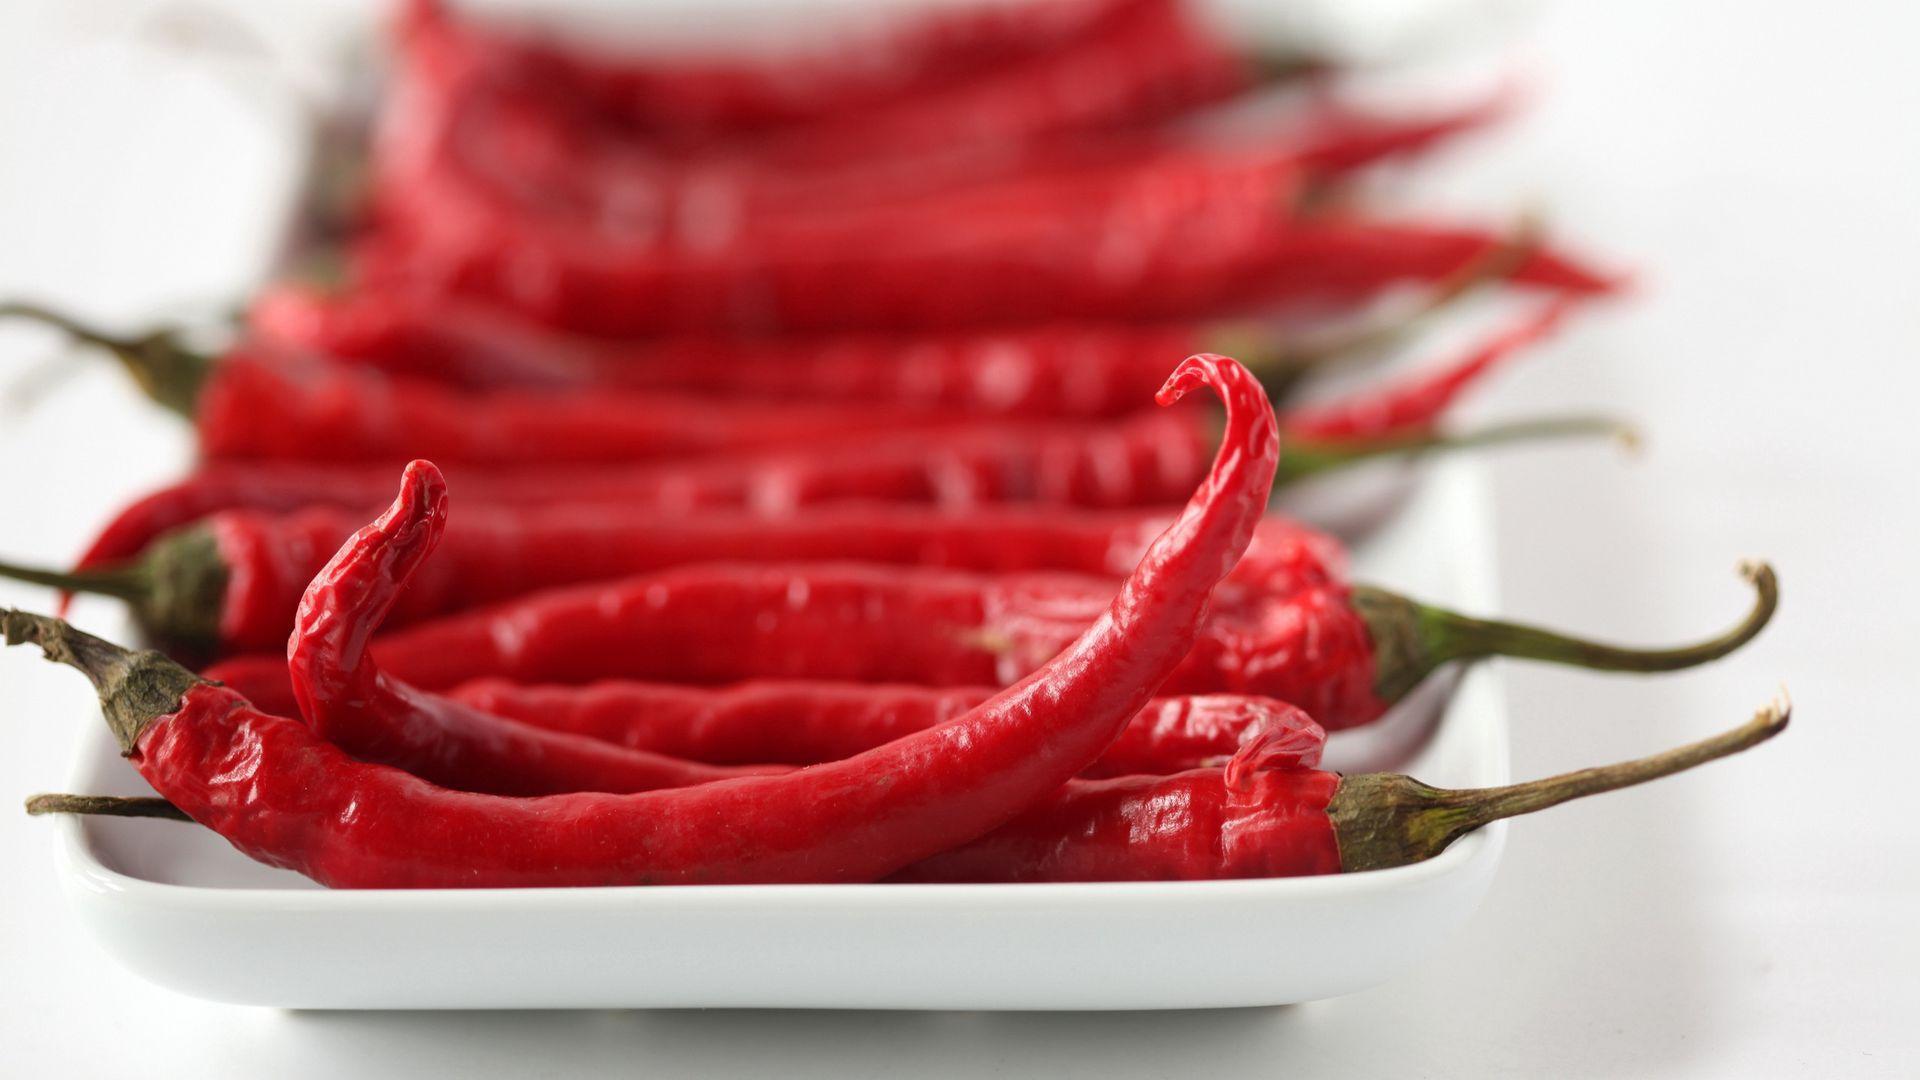 Любители красного острого перца реже умирают от рака и болезней сердца